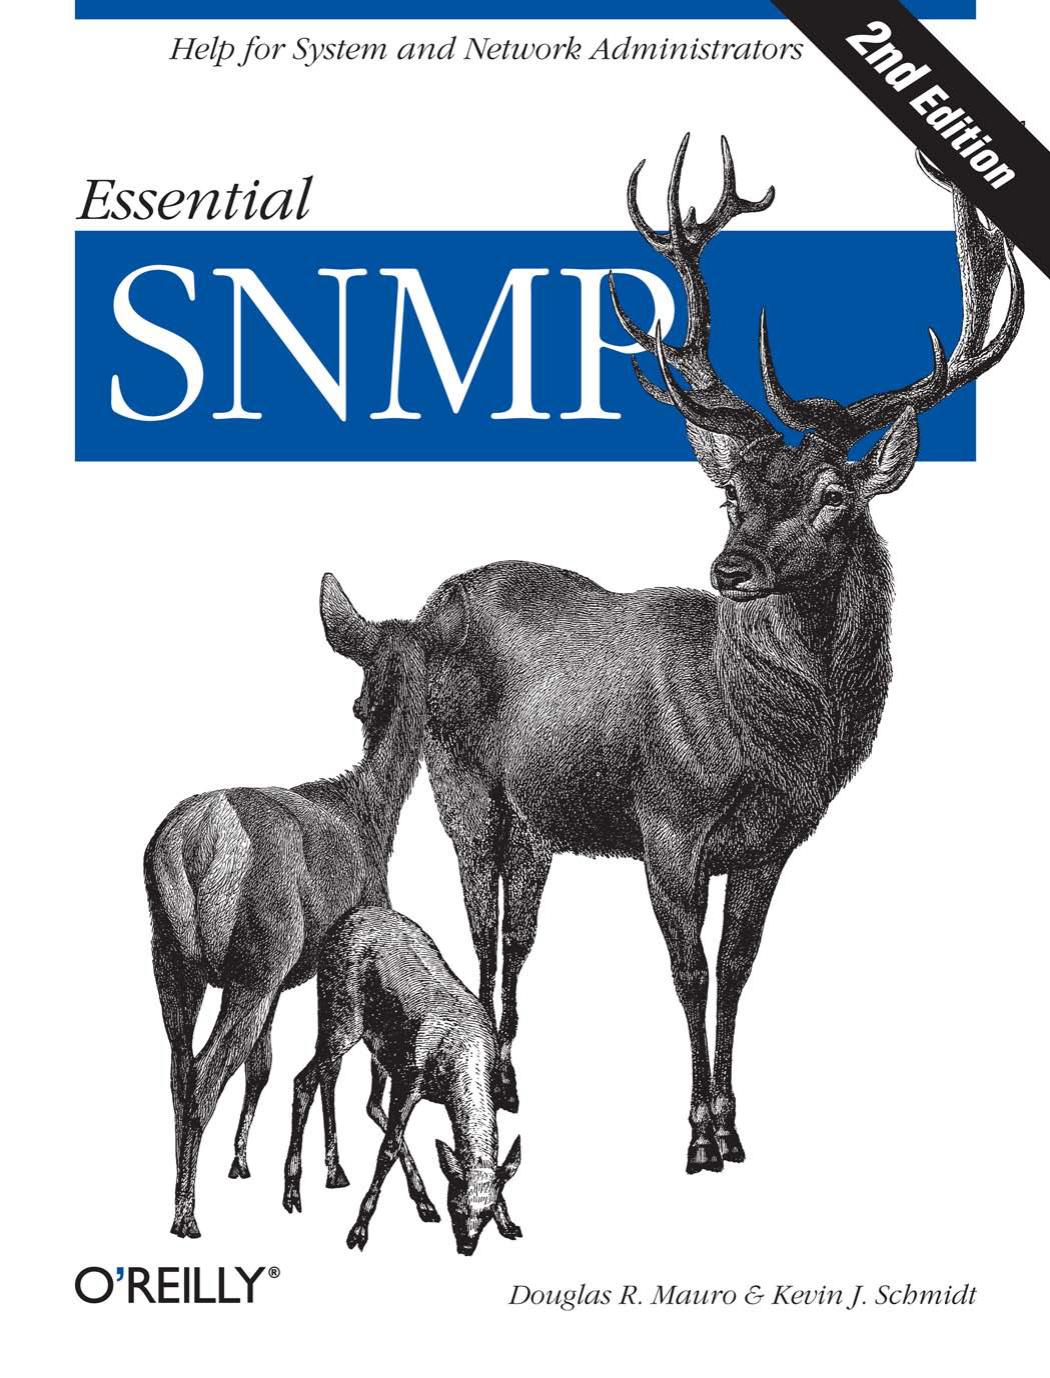 Essential SNMP | manualzz com